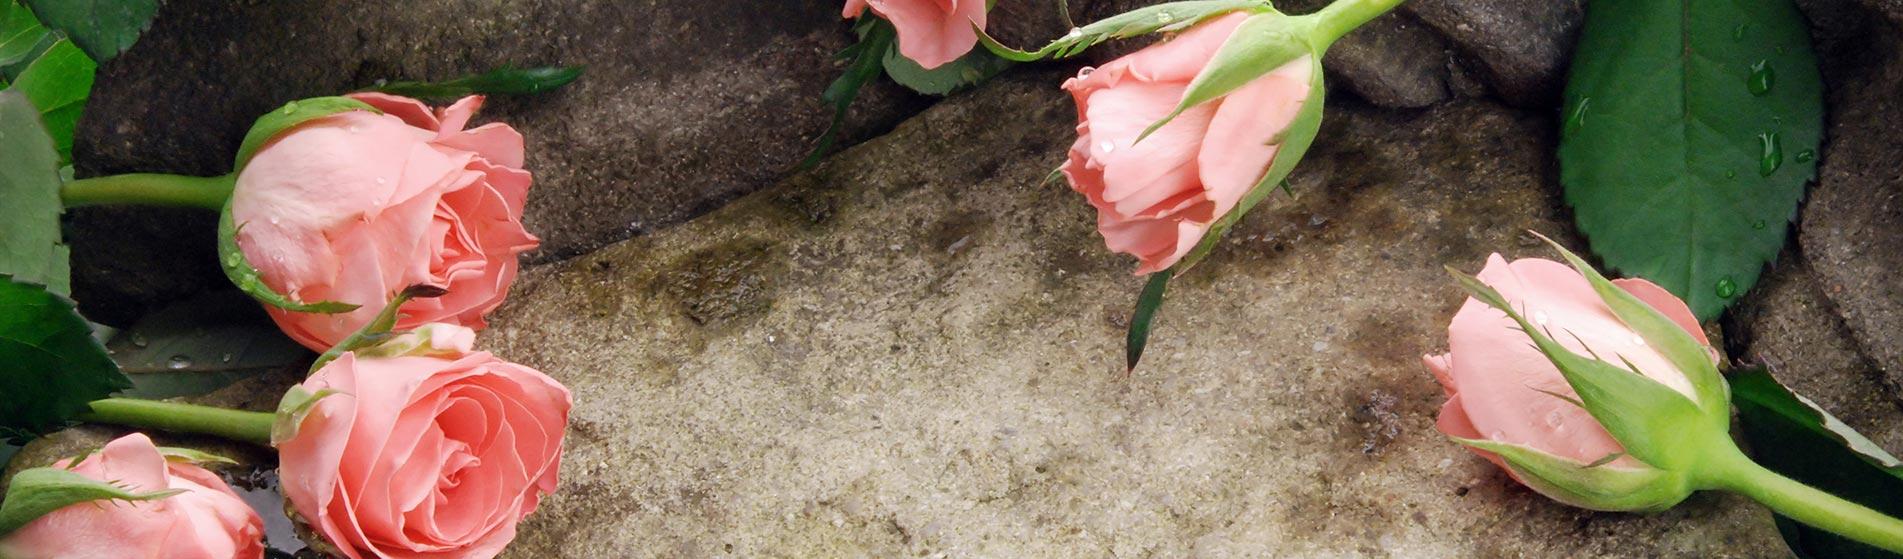 Lunardelli onoranze funebri cremazione